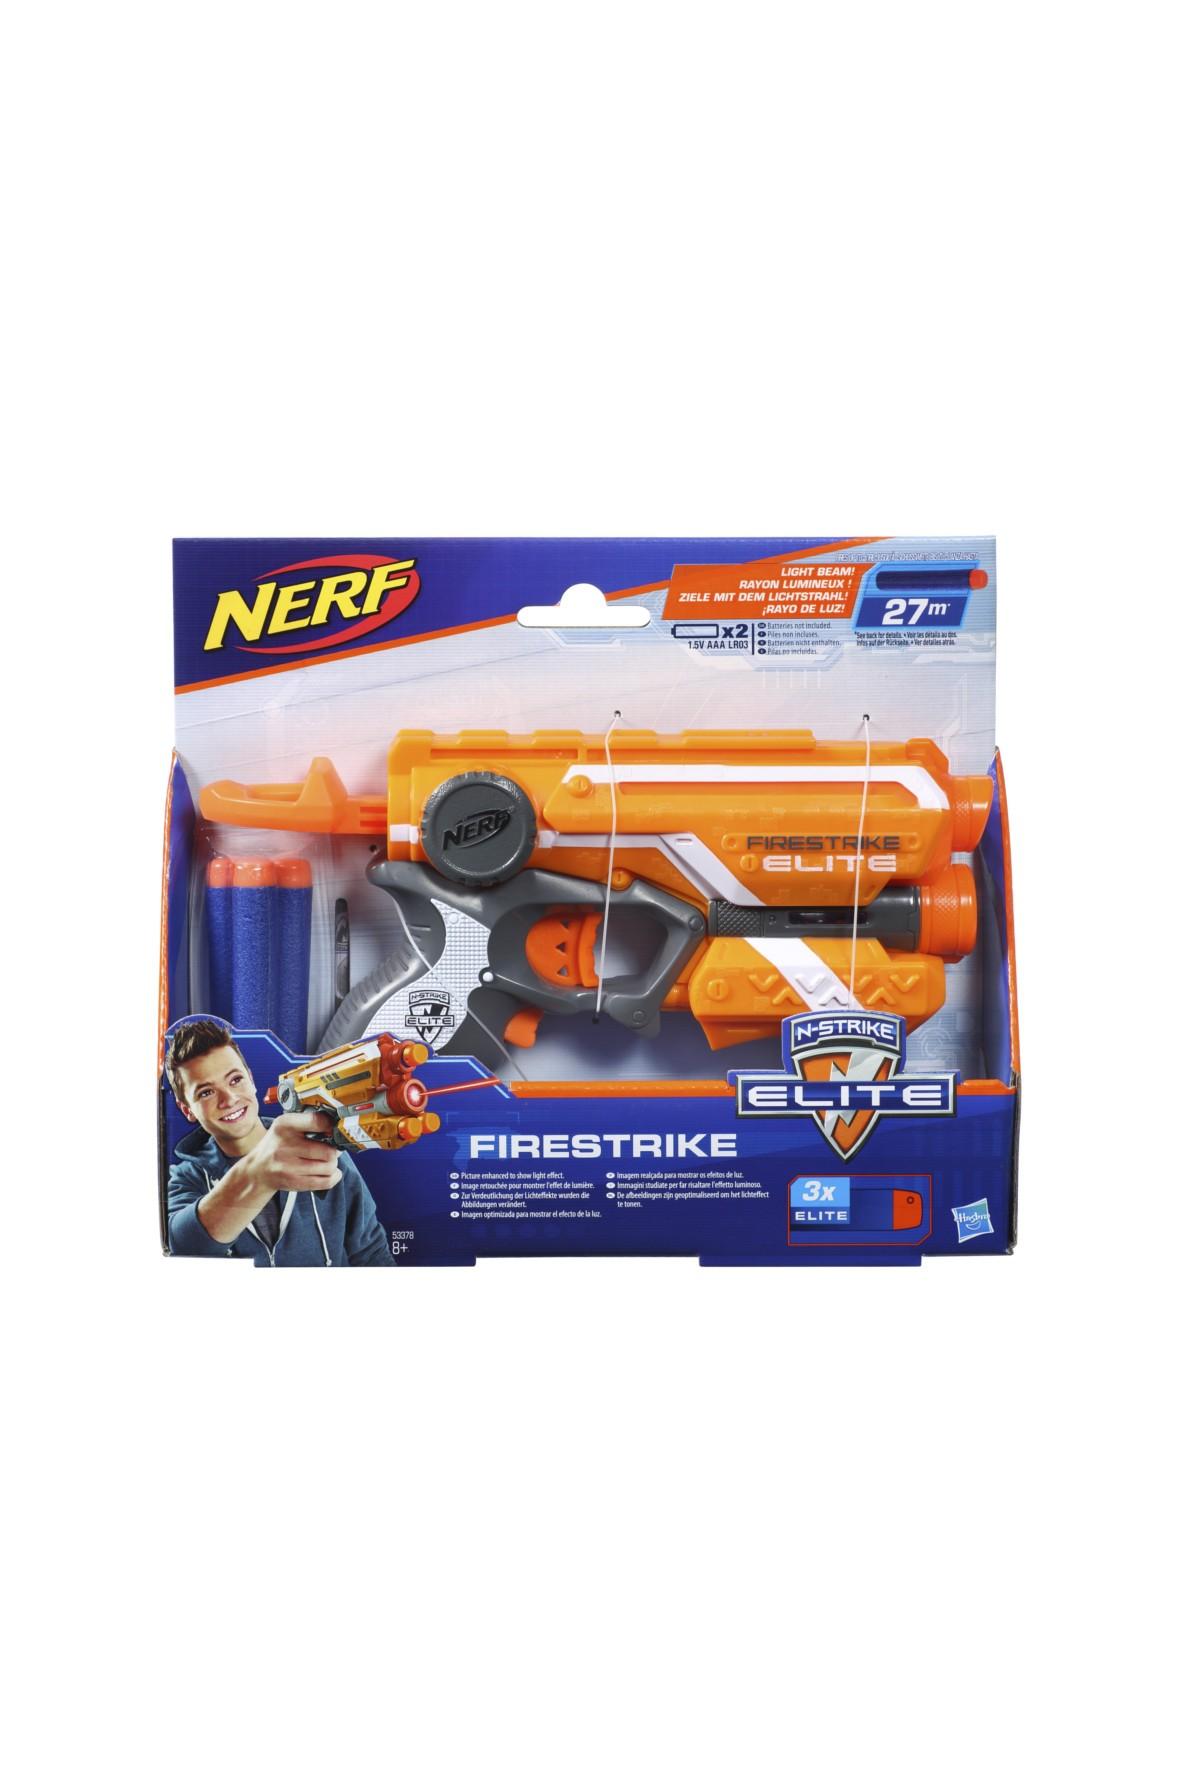 Nerf Elite Firestrike 8+